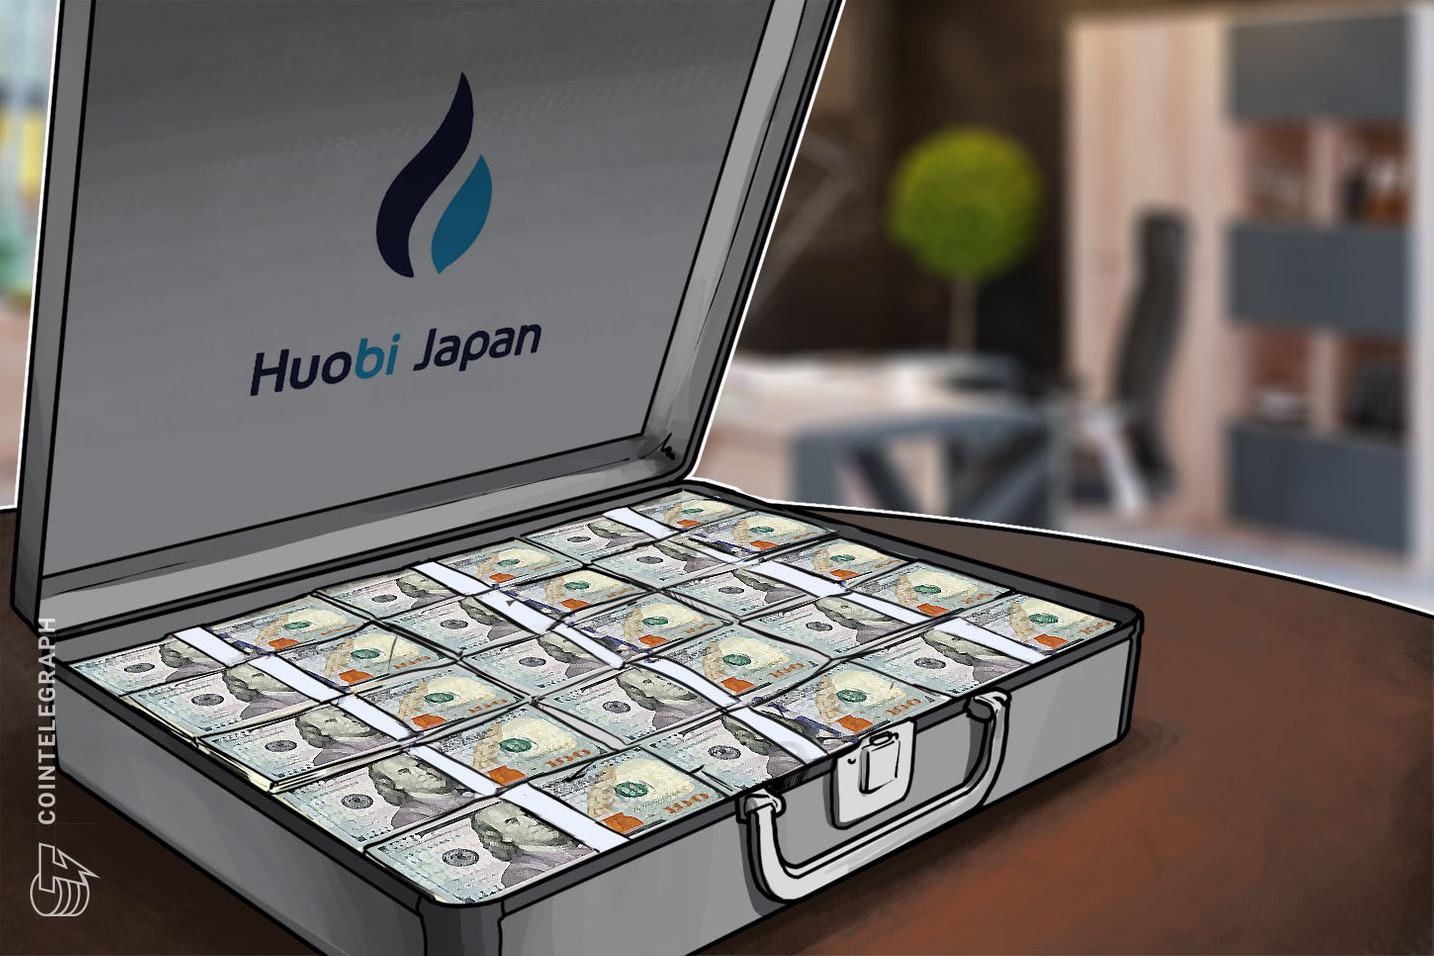 Huobi Japonya, Kripto Ticareti için FPG'den 4,6 Milyon Dolar Topladı